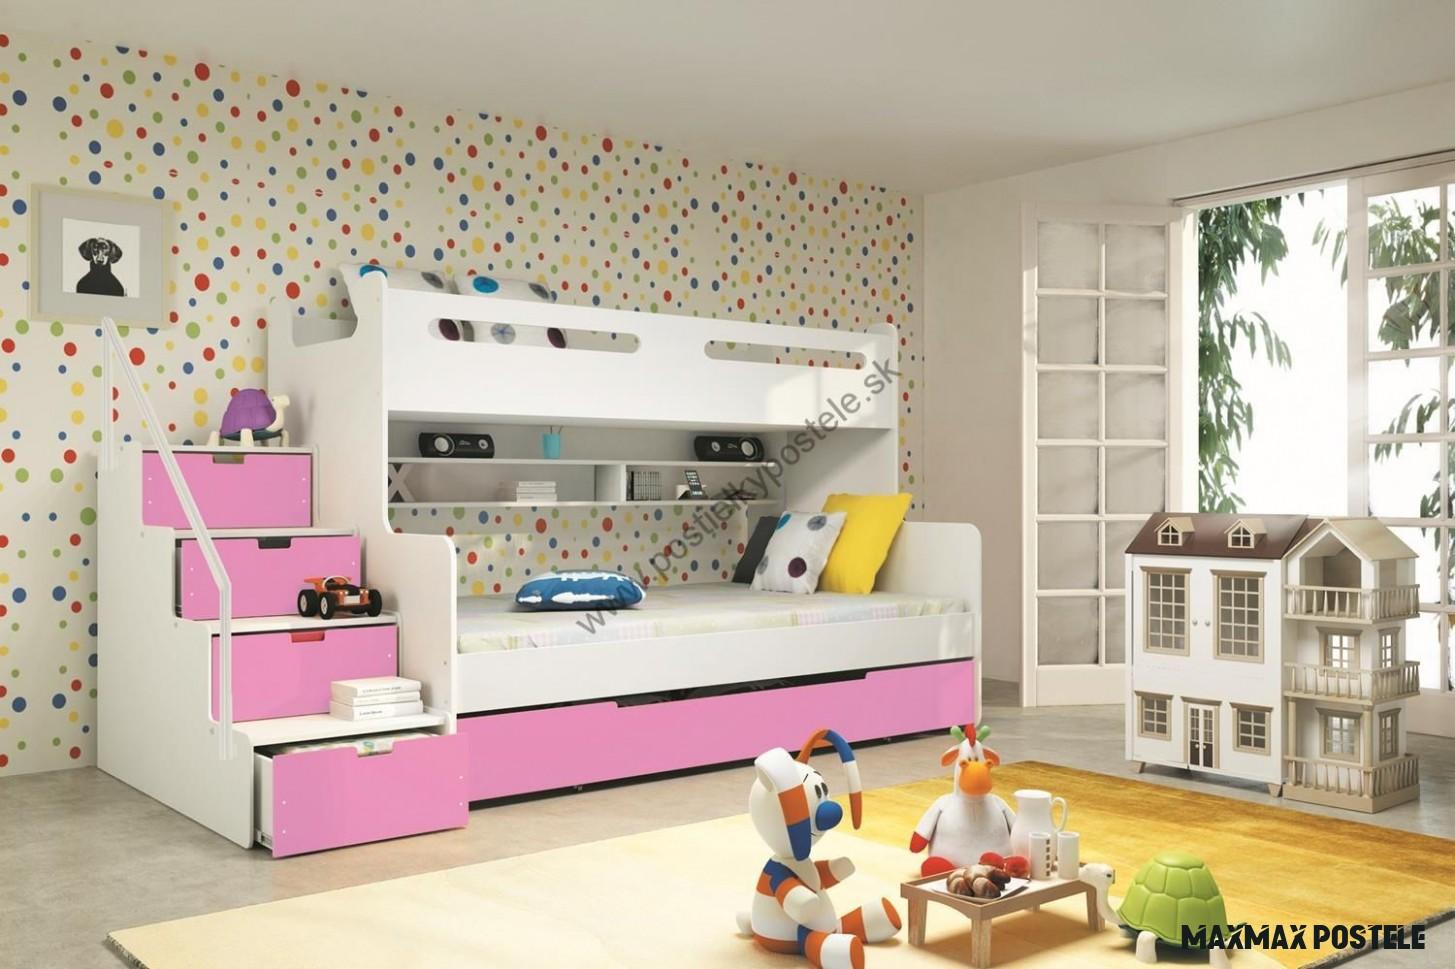 MAX 18 - Poschodová posteľ rozšírená - 18x18cm - Biely - Ružový